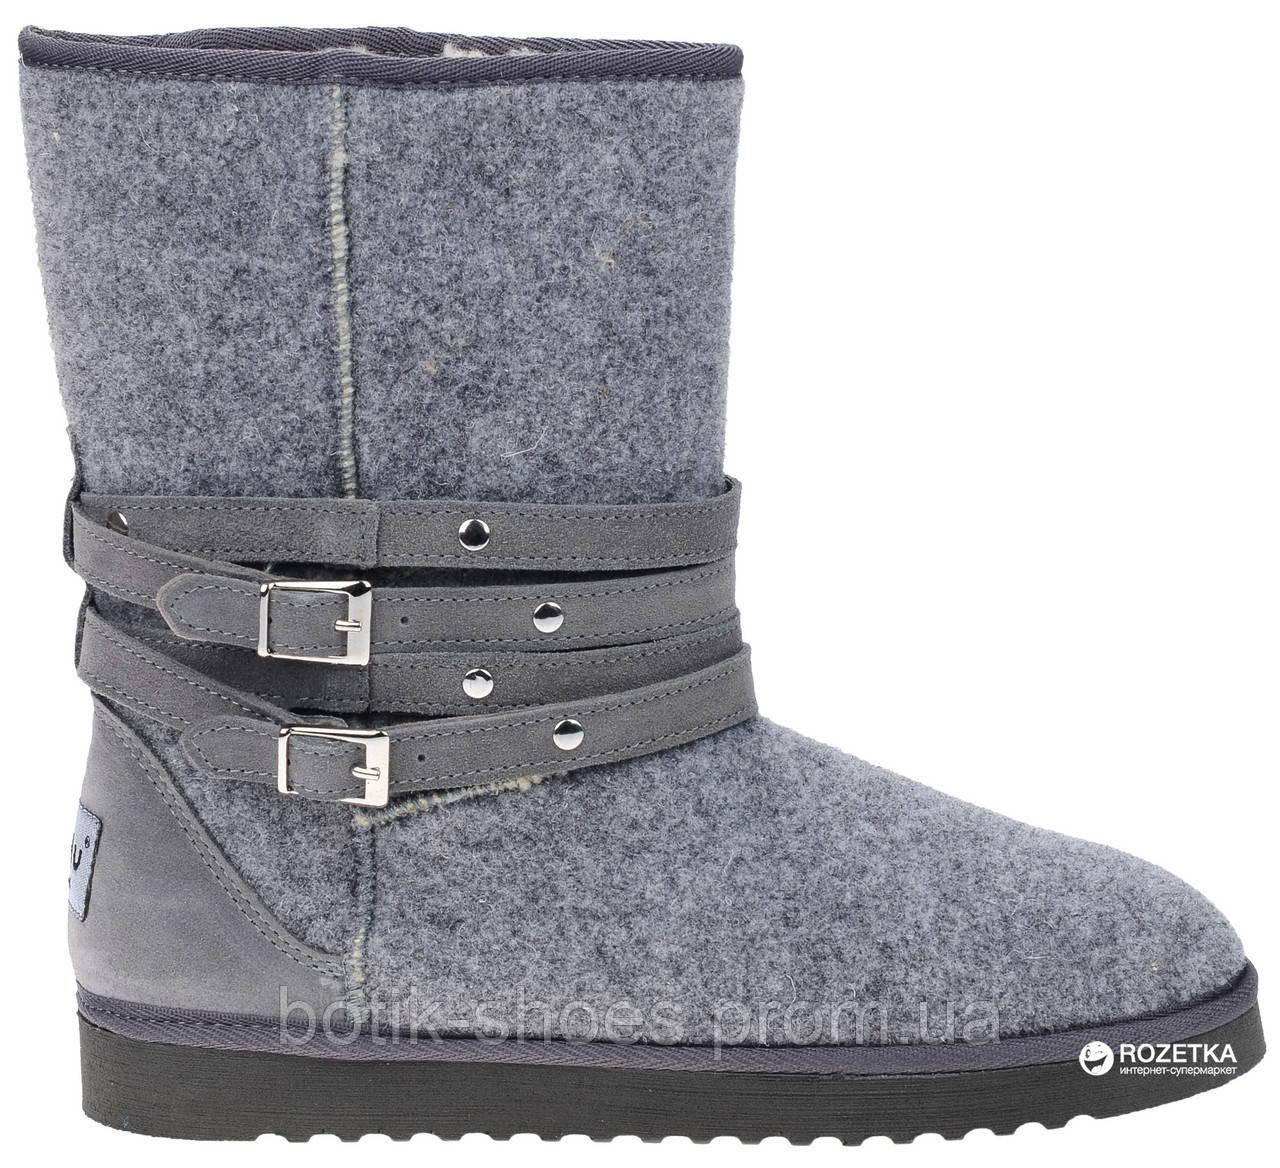 38b4e1977be Inblu EY55LP фетровые угги женские зимние - интернет магазин обуви Ботик